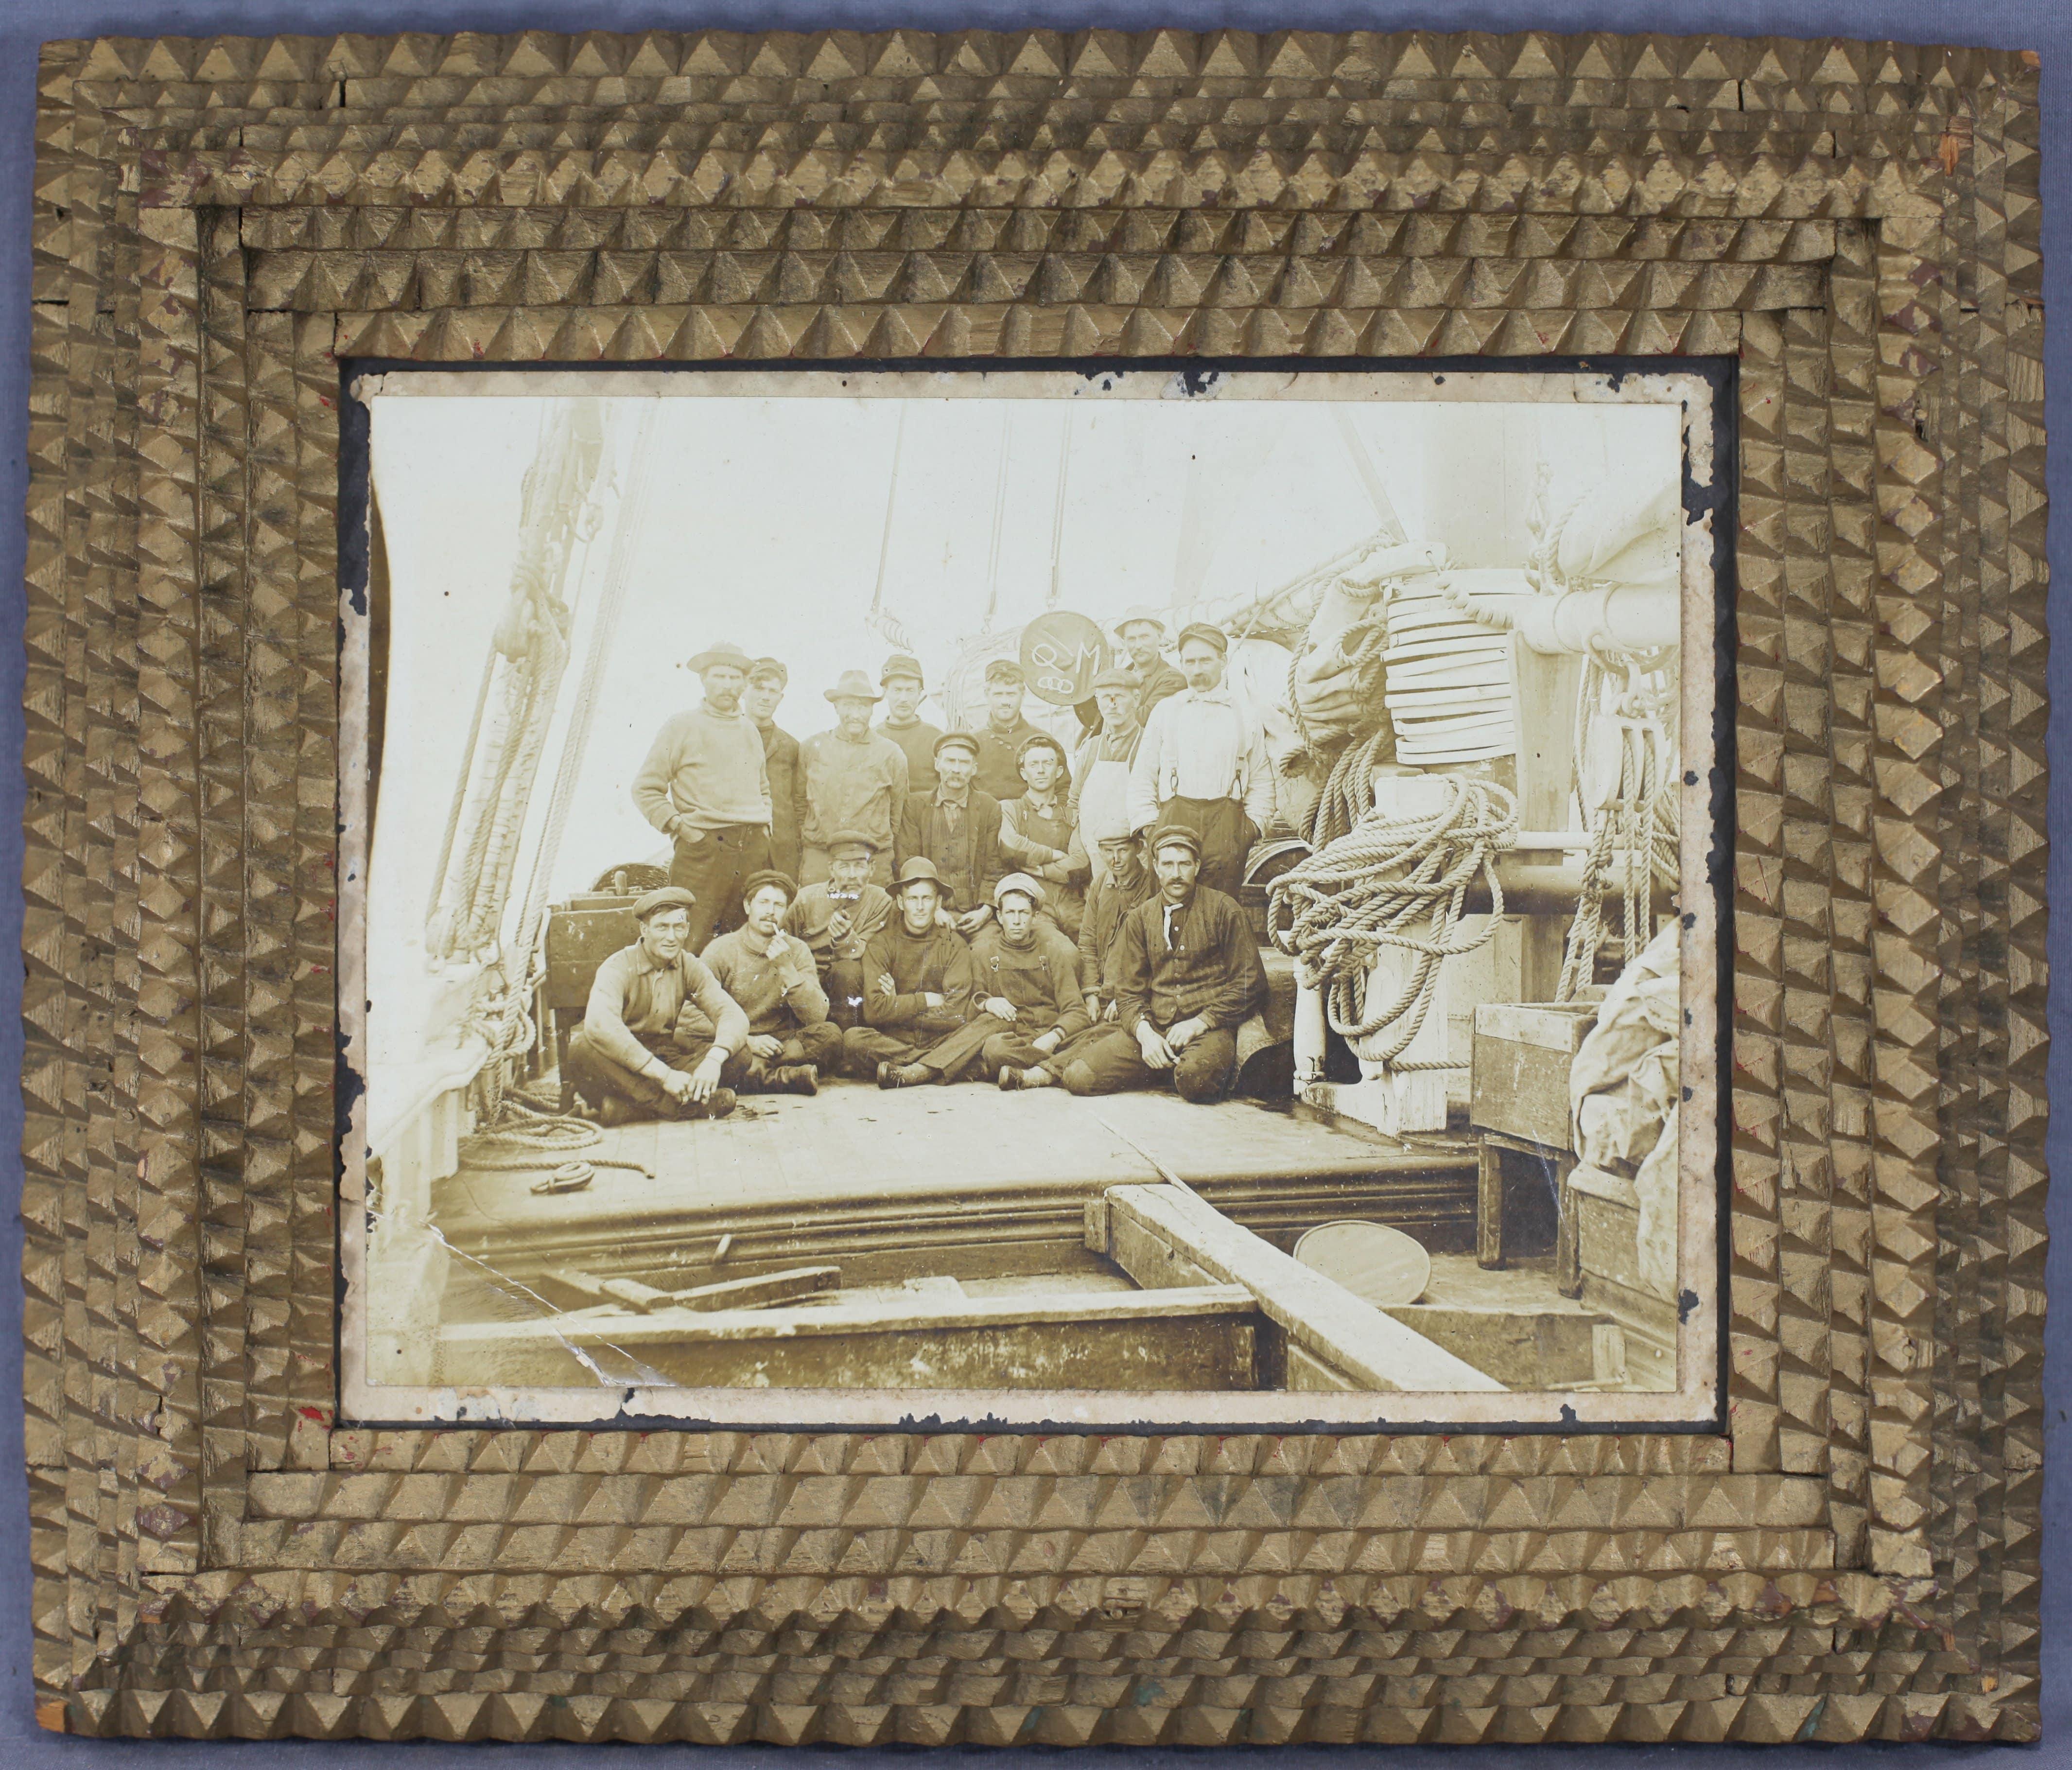 Ship's Crew Photo